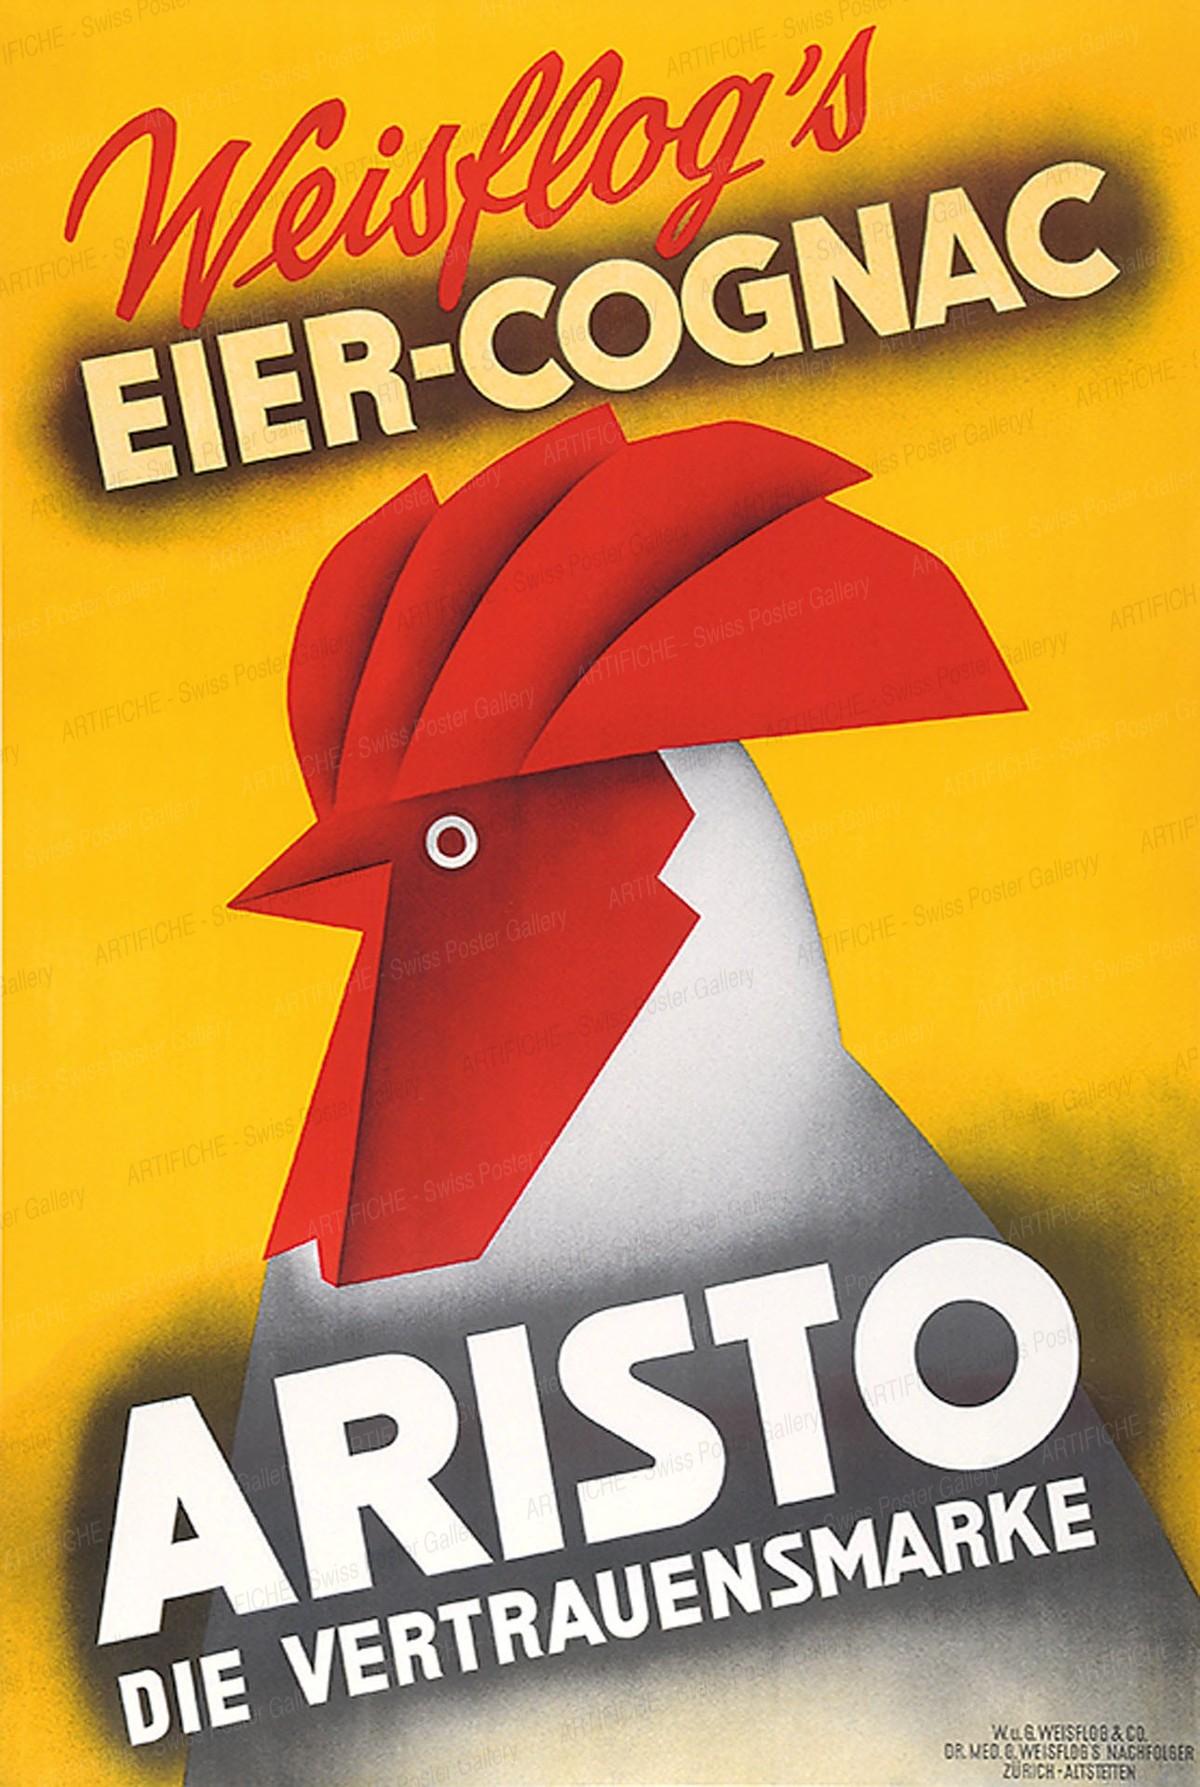 Aristo Egg Brandy, Artist unknown